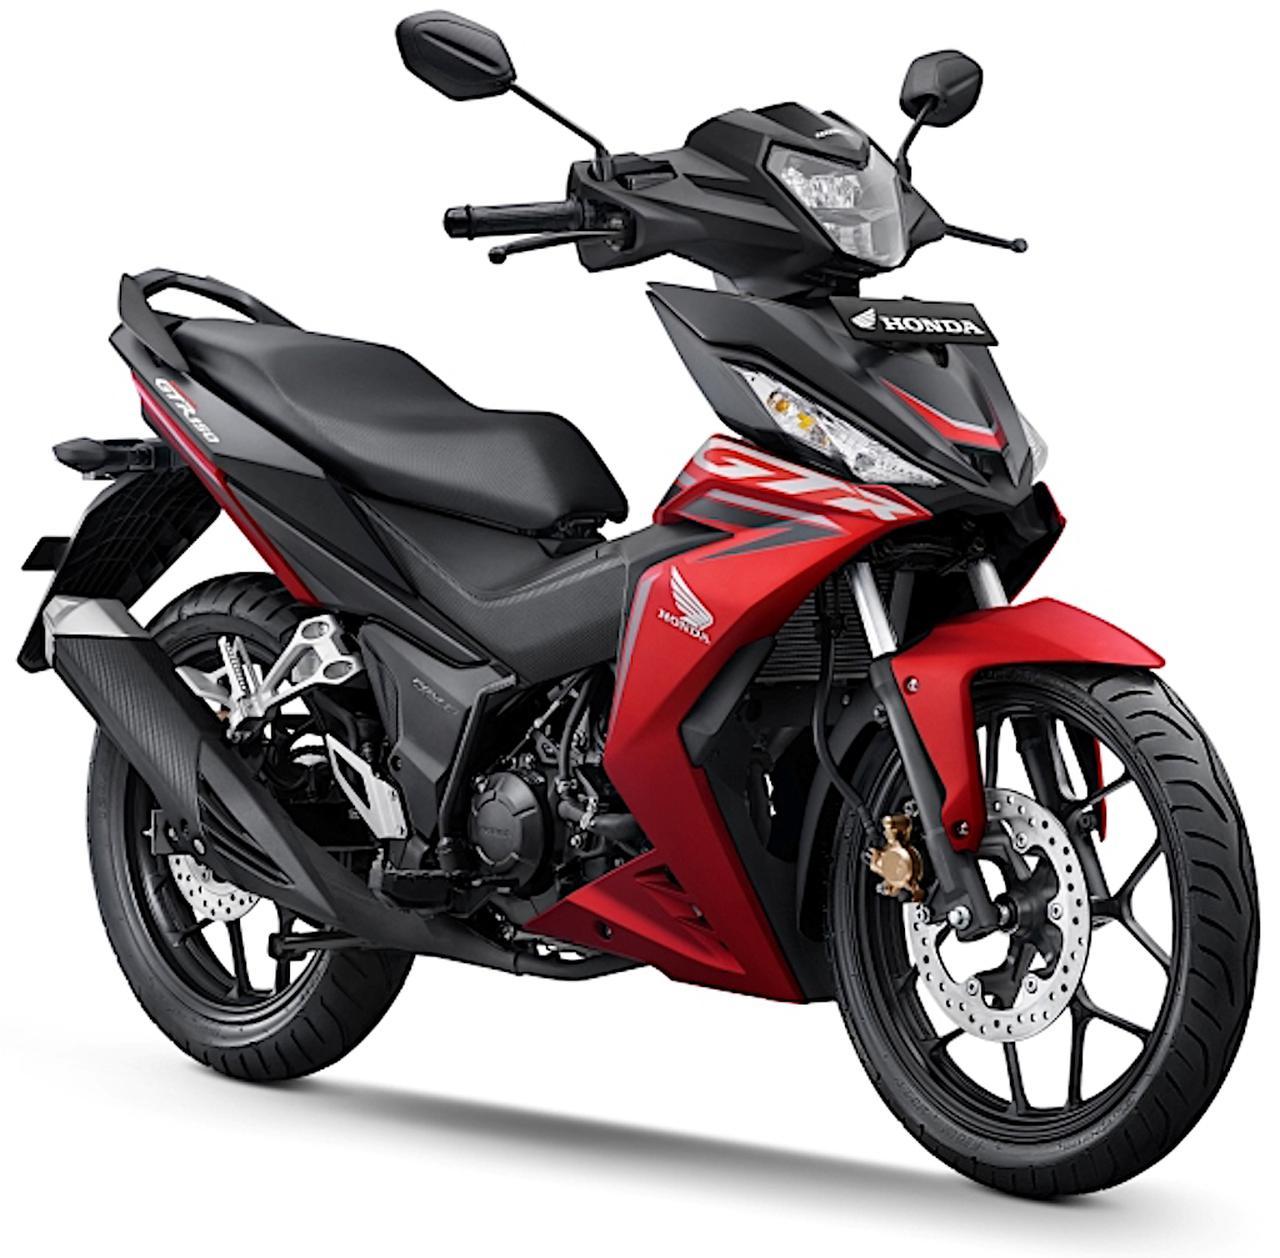 画像: Honda Supra GTR150 総排気量:149cc エンジン形式:水冷4ストDOHC4バルブ単気筒 シート高:780mm 車両重量:119kg